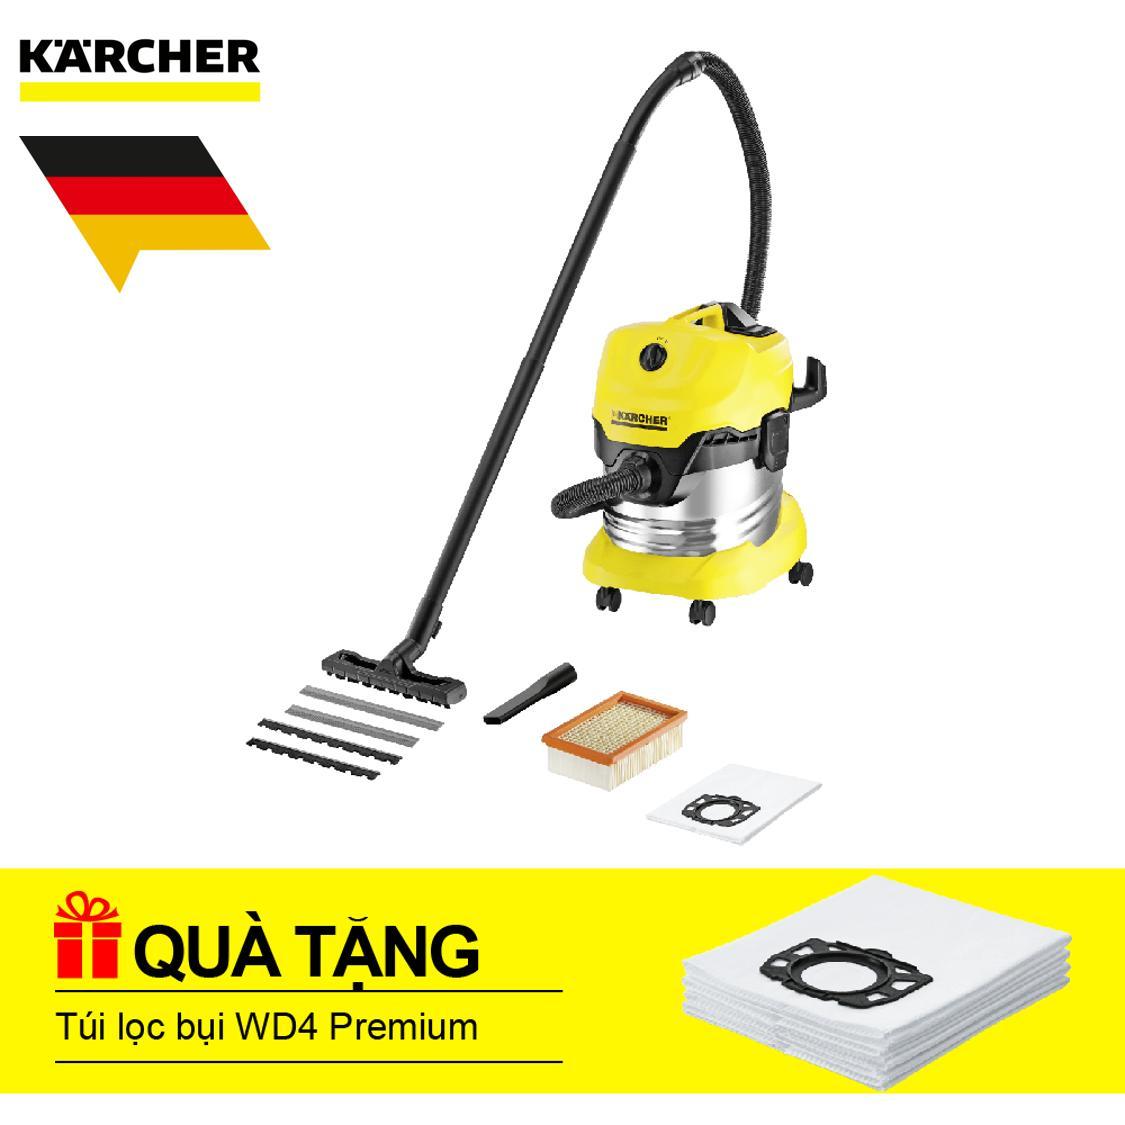 Máy hút bụi khô & ướt Karcher, WD 4 Premium + Tặng Túi lọc bụi WD4